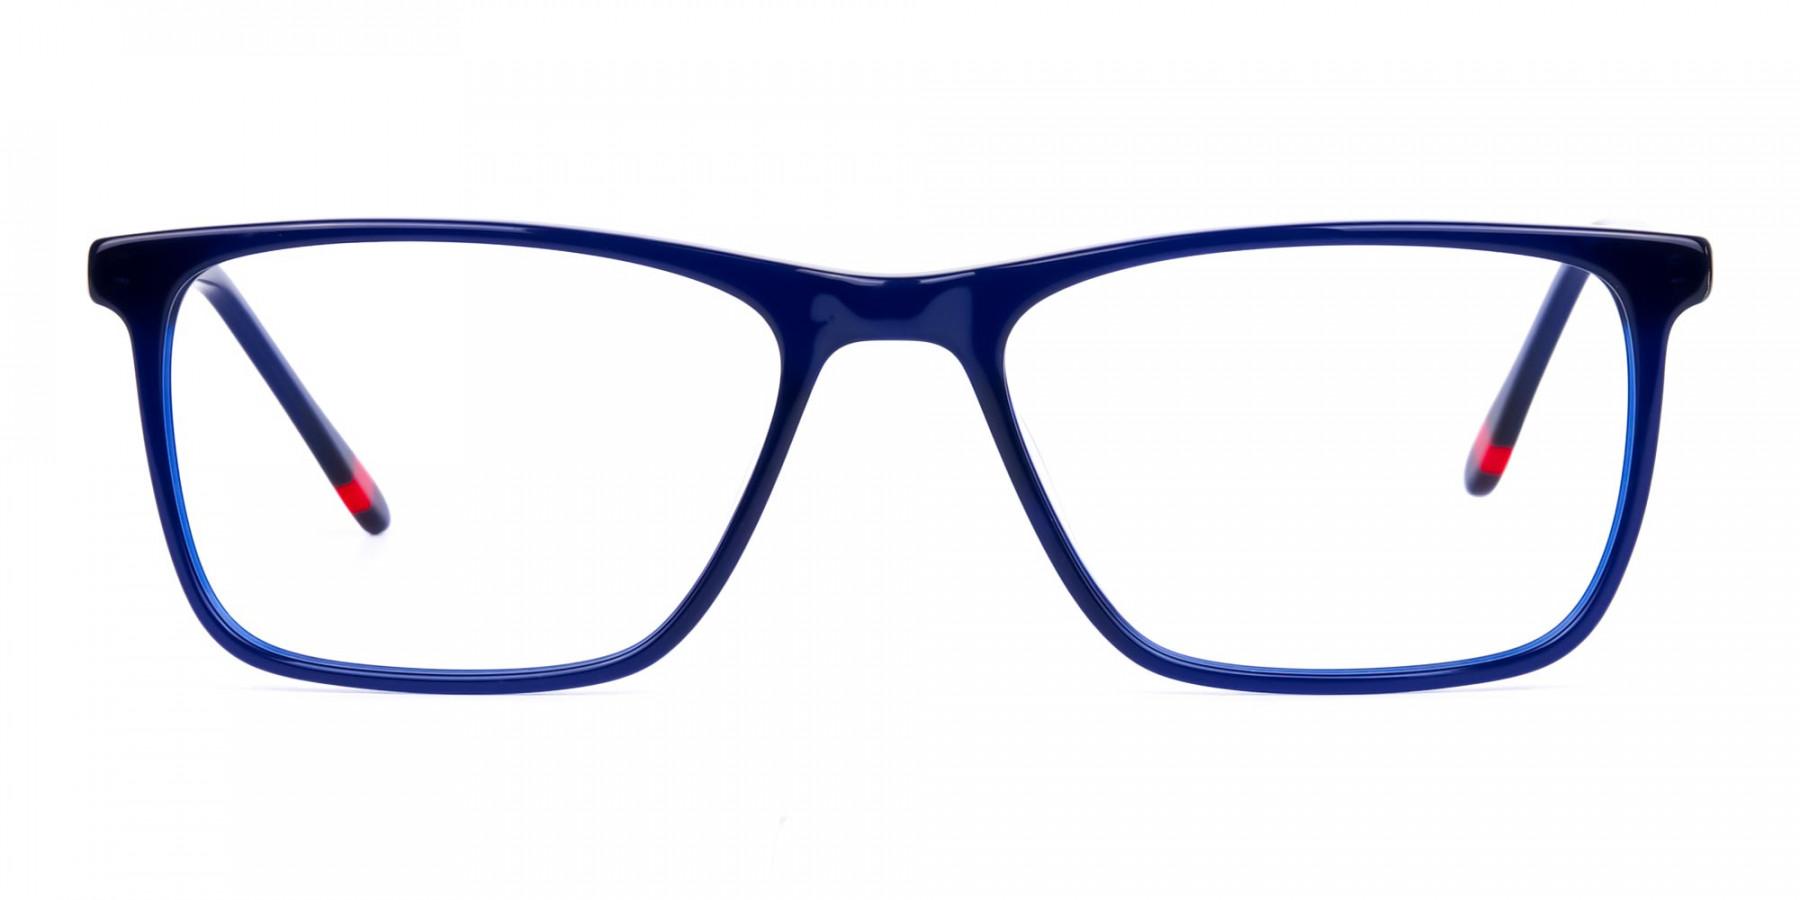 Navy-Blue-Rectangular-Full-Rim-Glasses-1